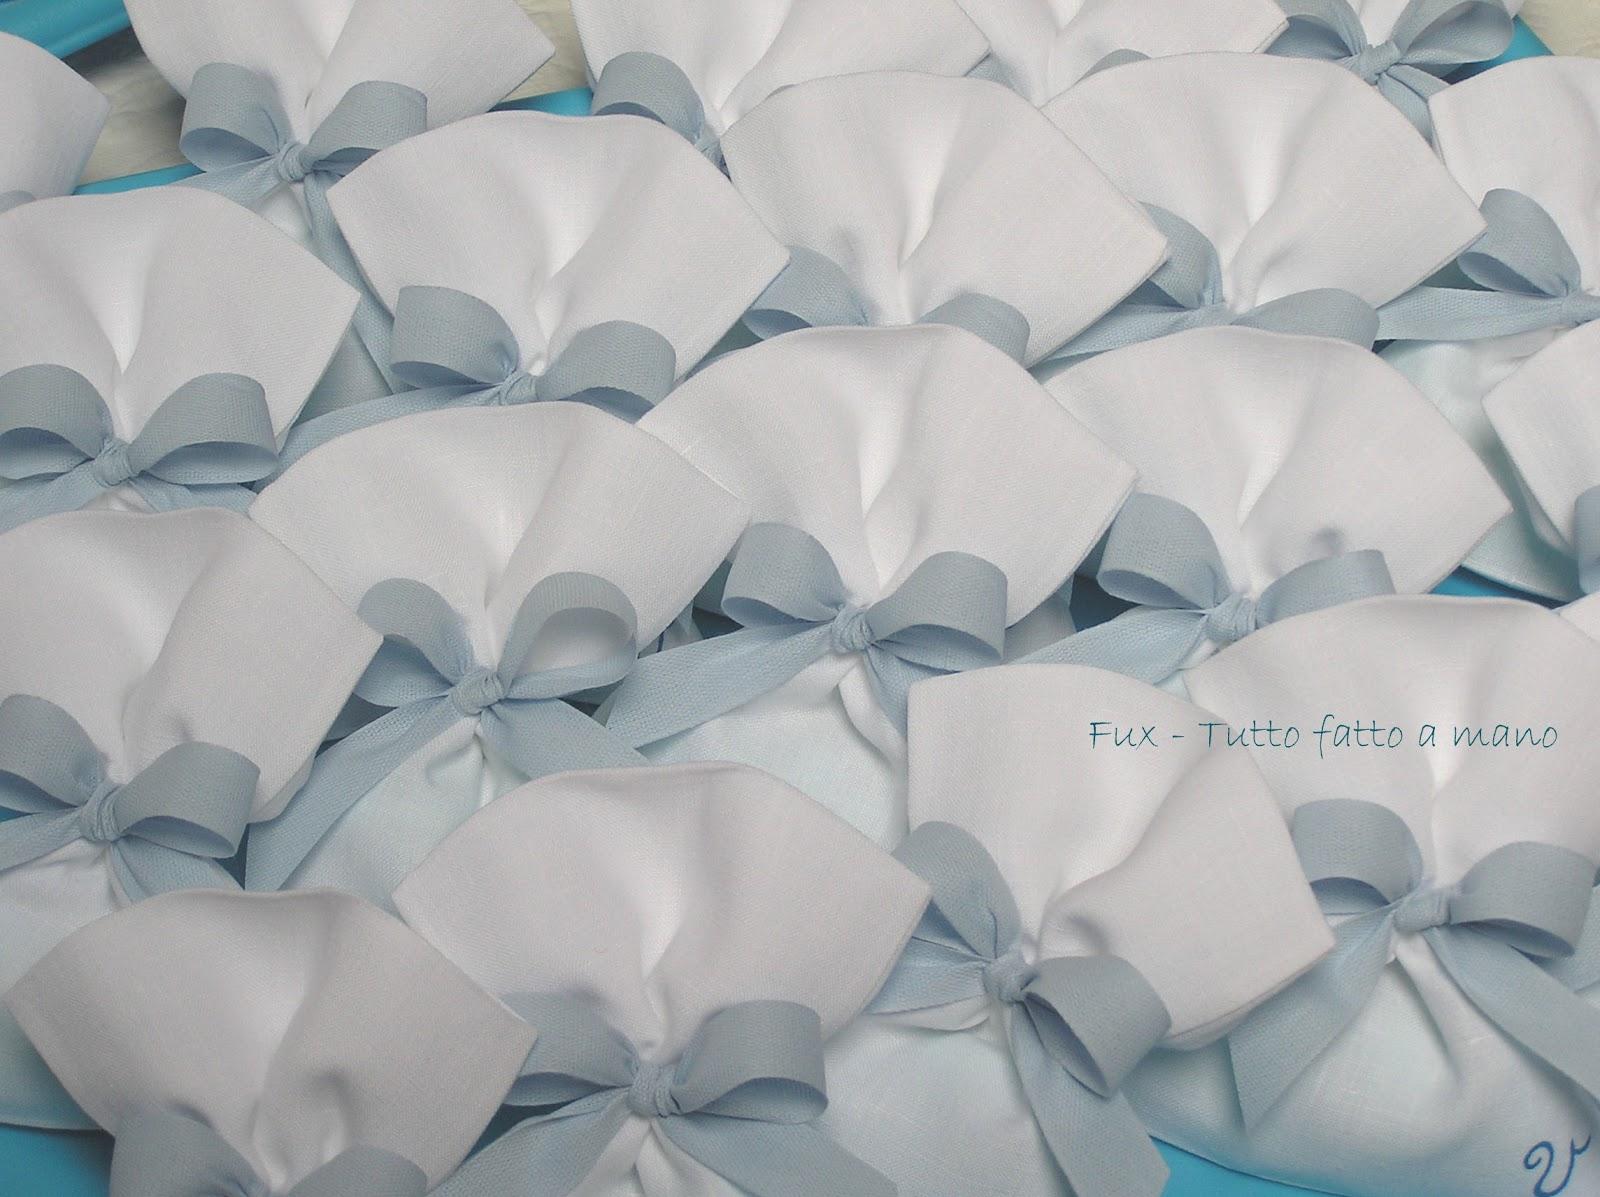 Famoso Fux - tutto fatto a mano: BOMBONIERE BATTESIMO DU65